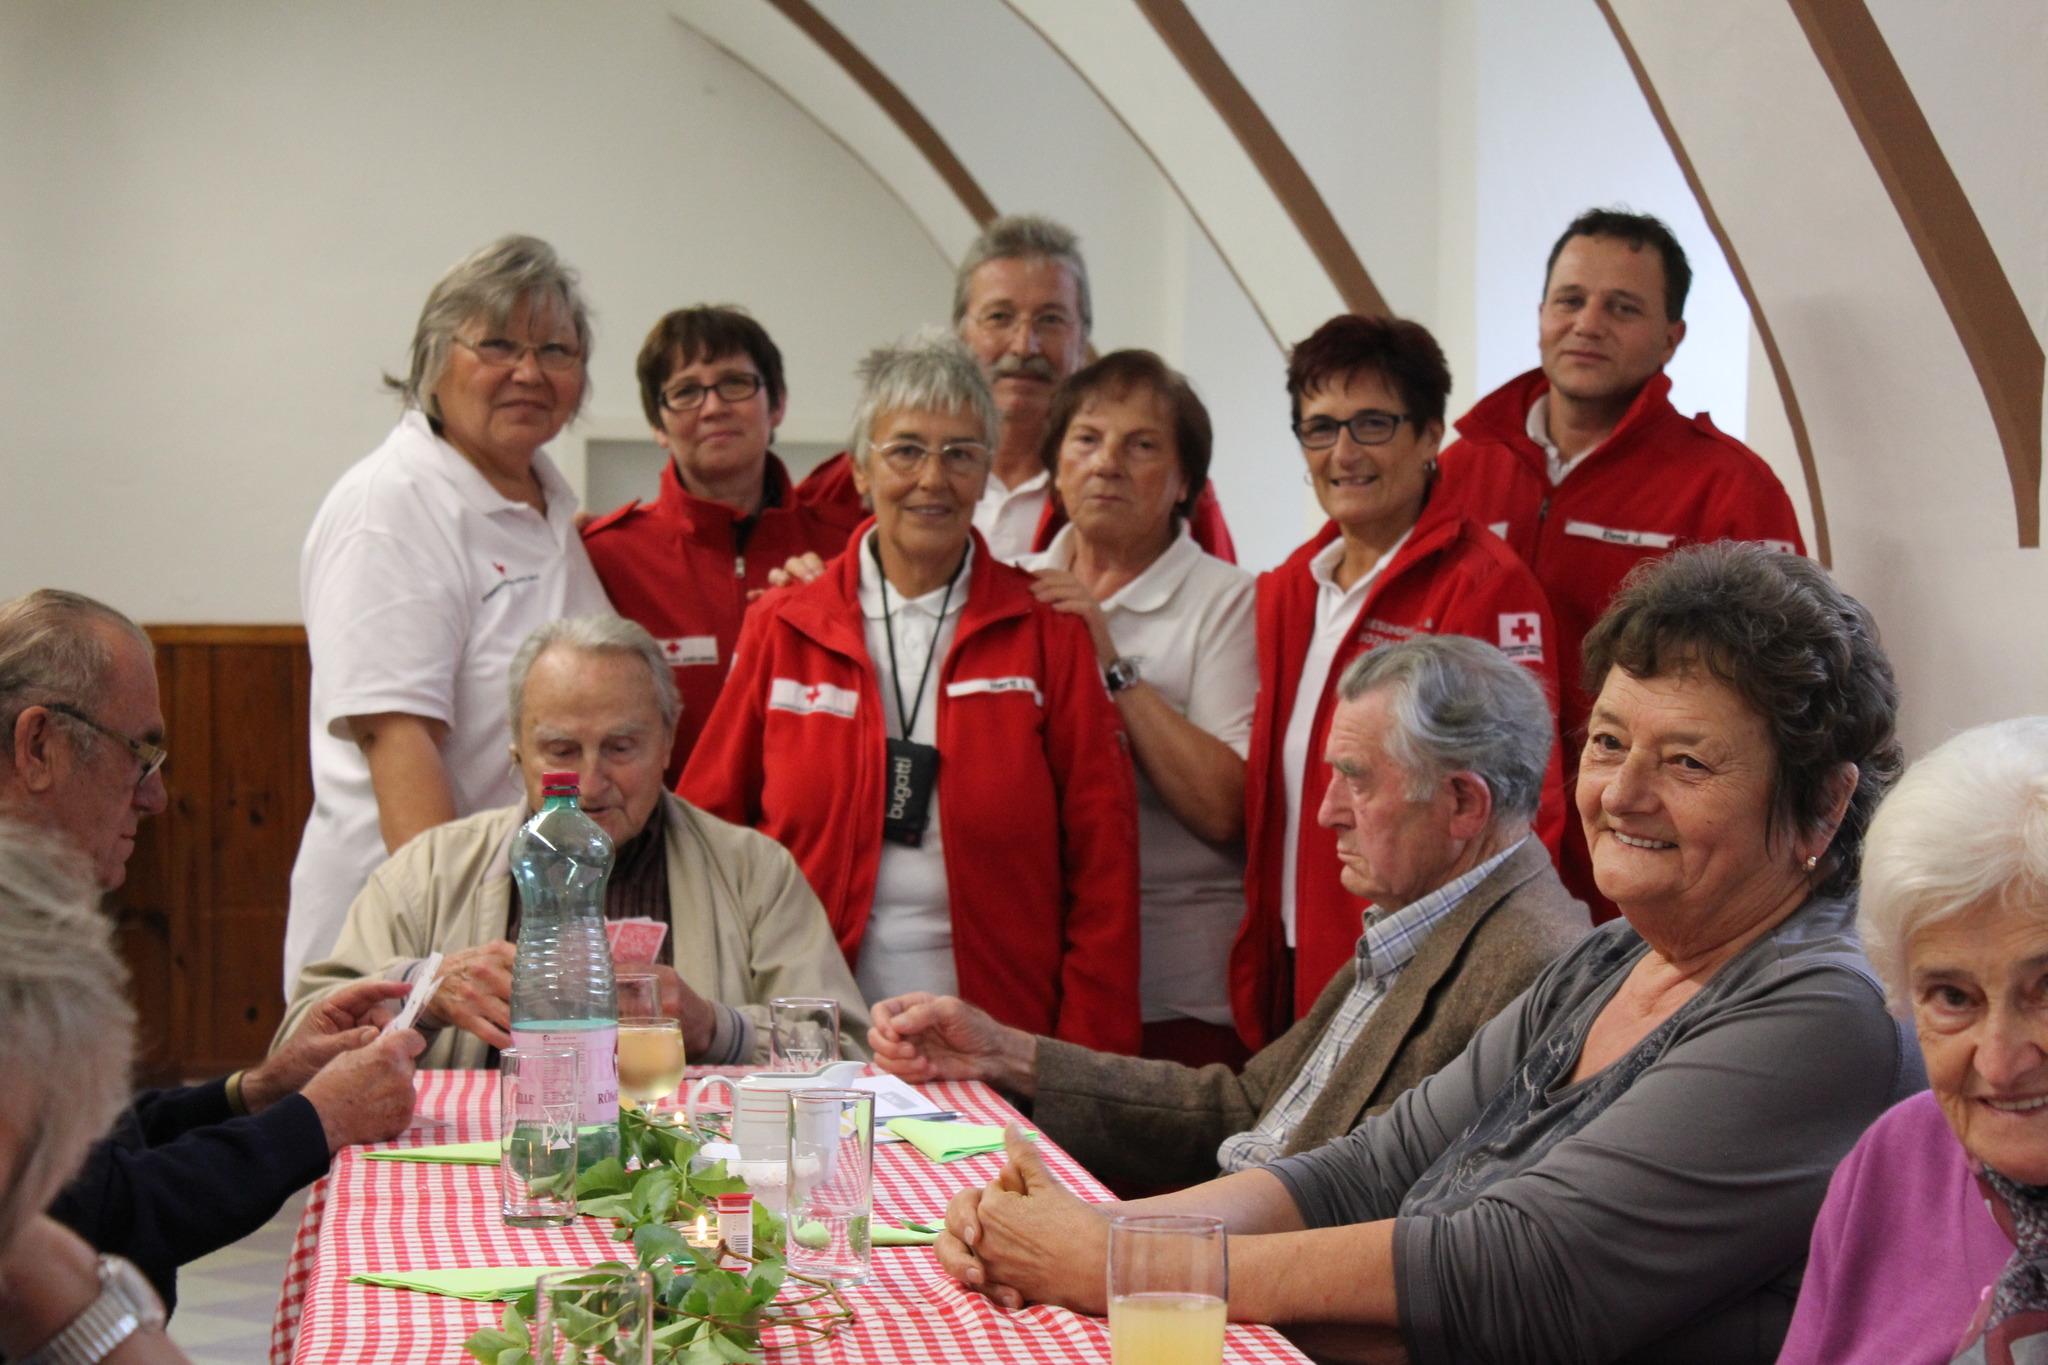 Seniorentreff Zistersdorf - Gemeinsam statt einsam